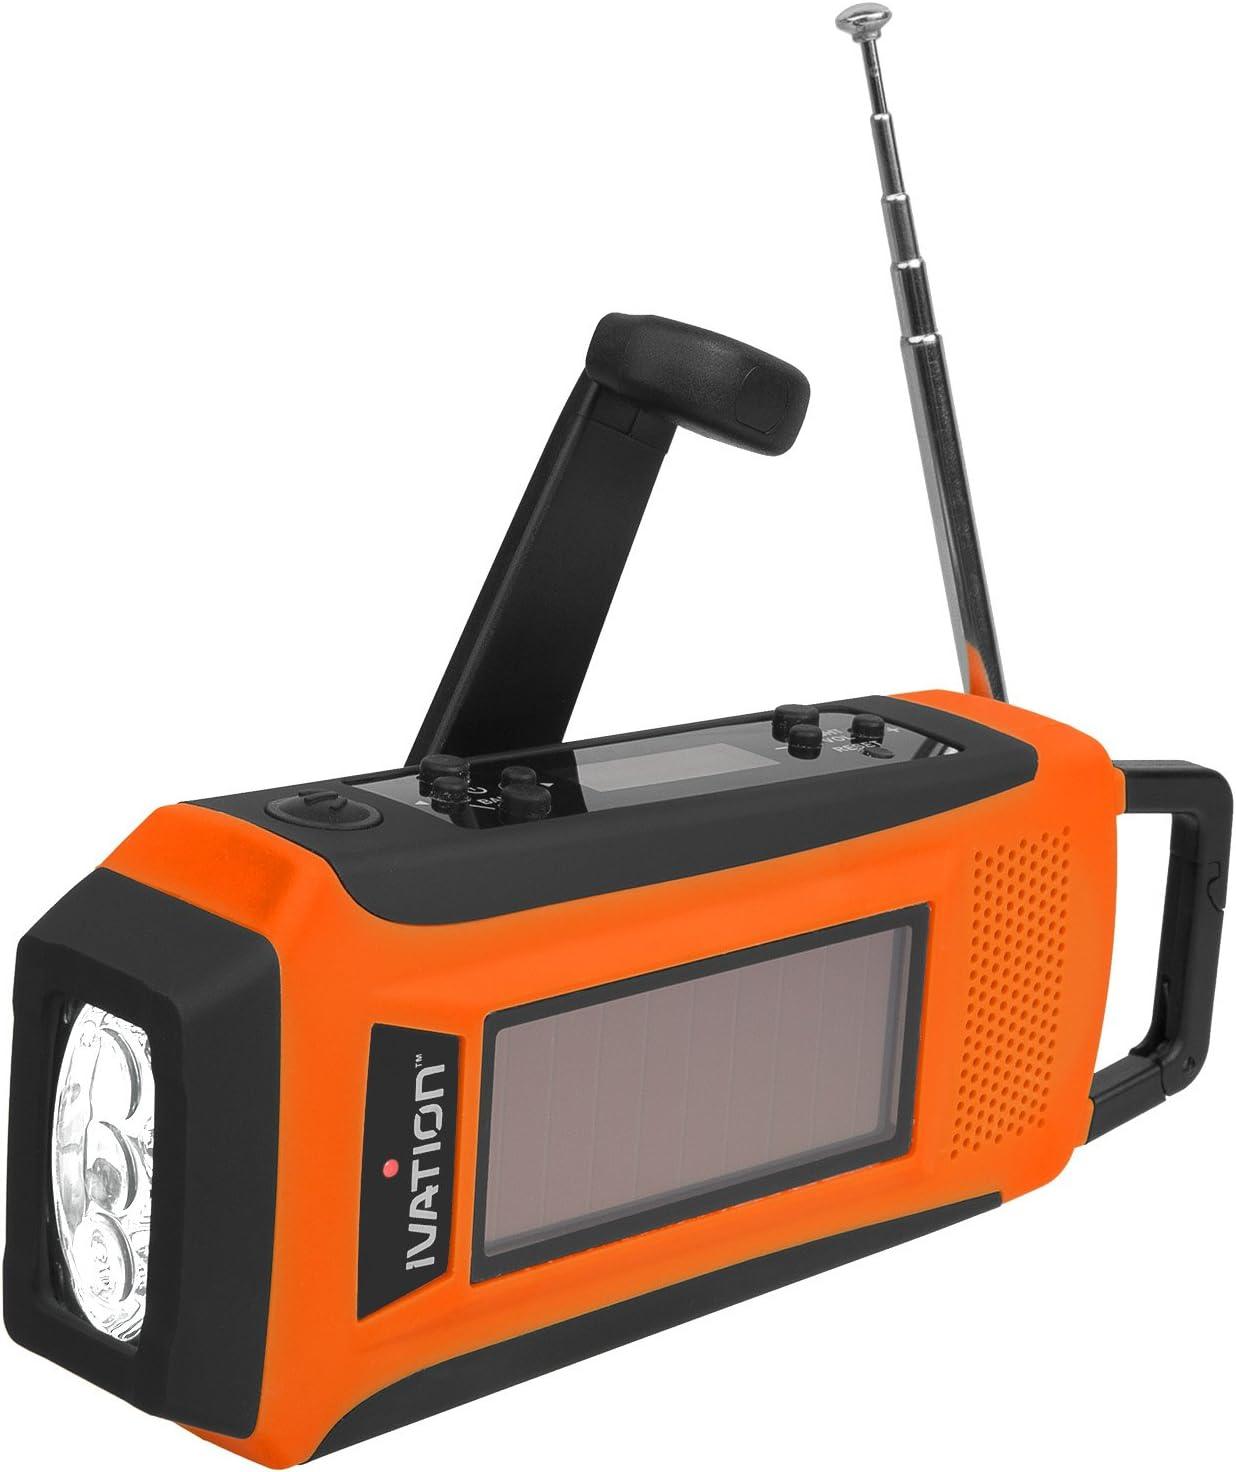 Ivation Radio de emergencia digital solar y de dinamo a prueba de ...